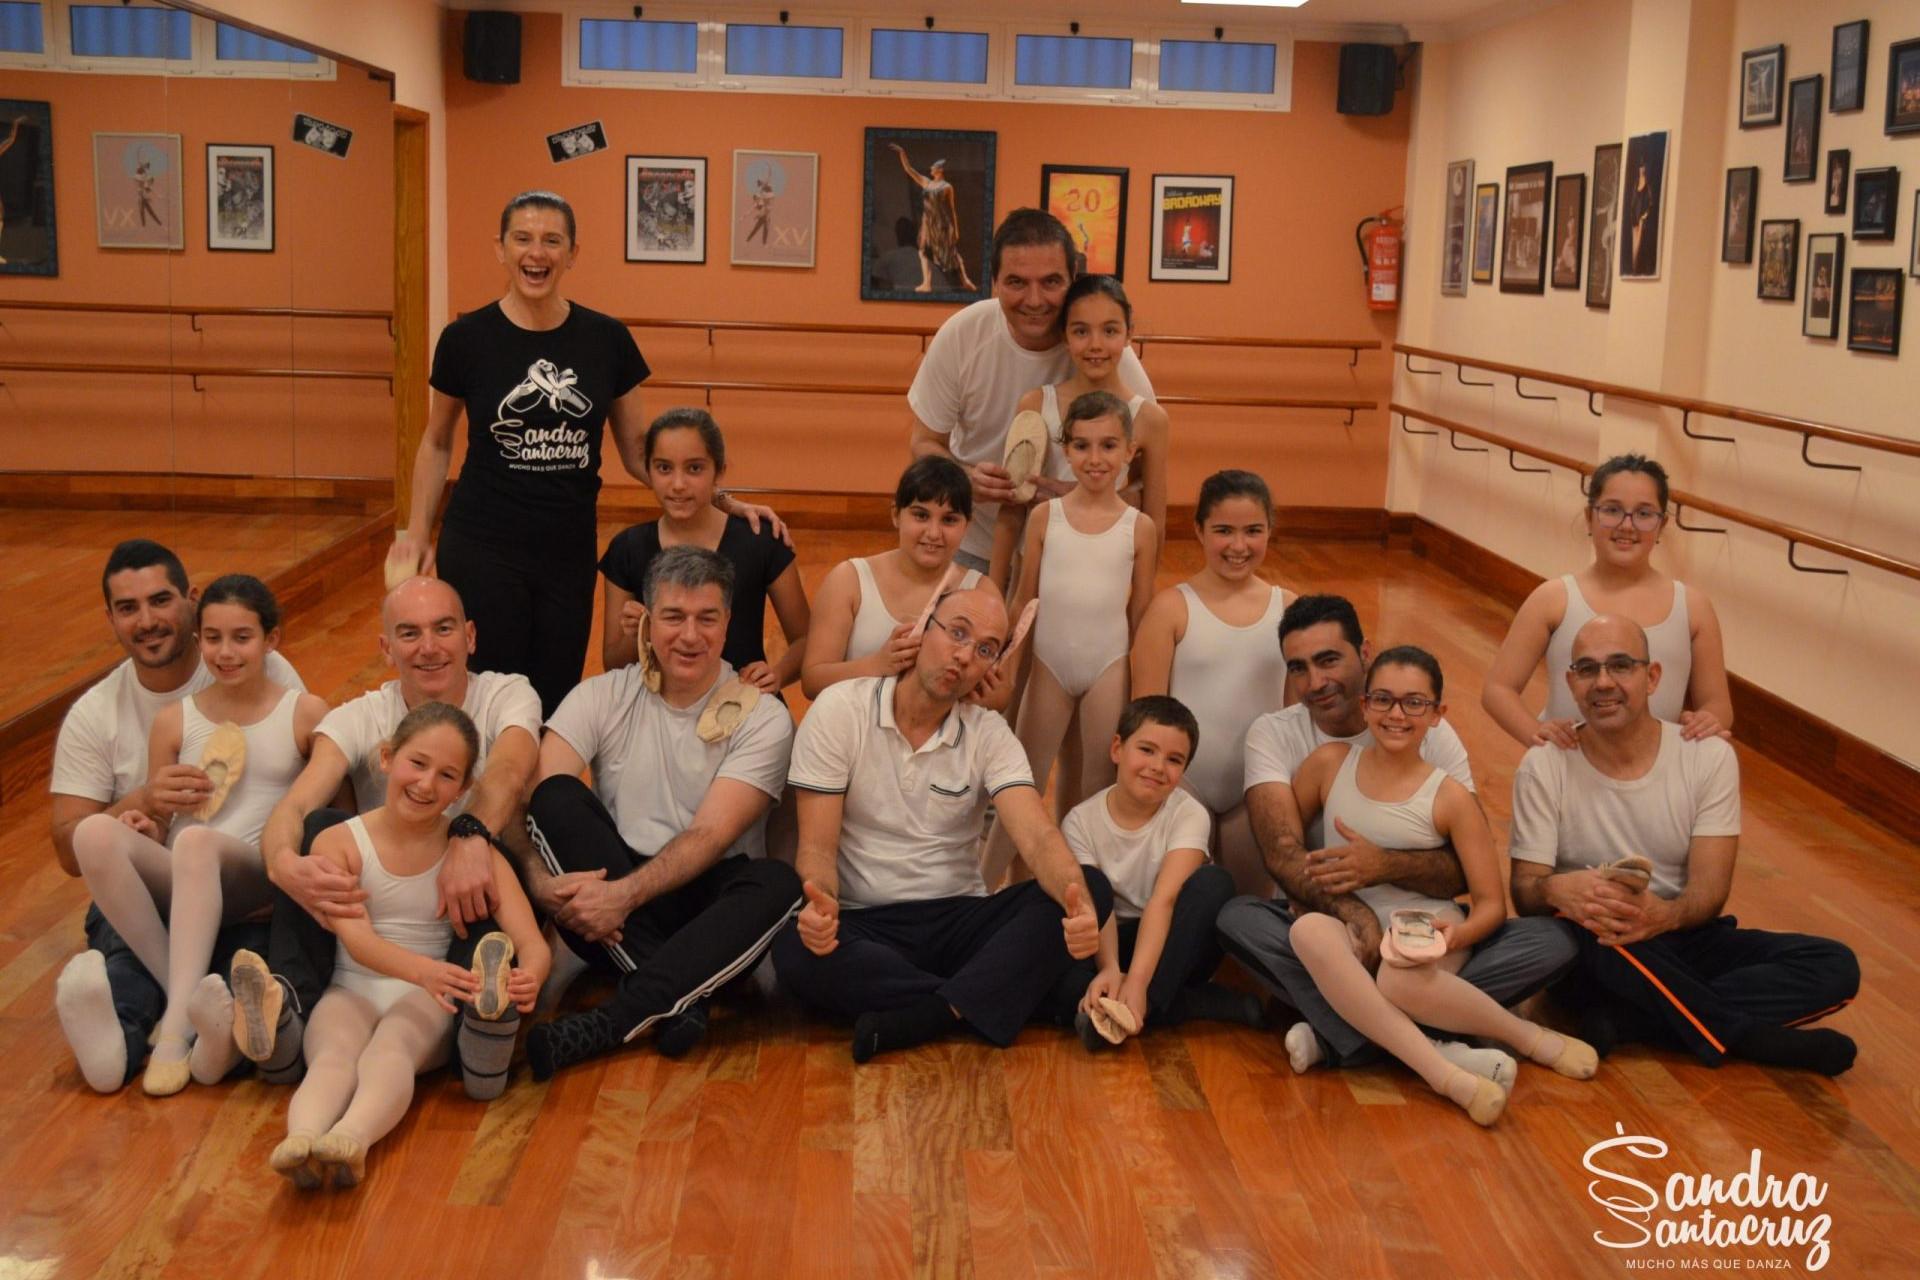 Foto en el Centro de Danza Sandra Santa Cruz con un grupo de padres y sus hijos del alumnado de Predanza II que asistieron a la Clase Pedagógica para Padres y trabajaron su flexibilidad